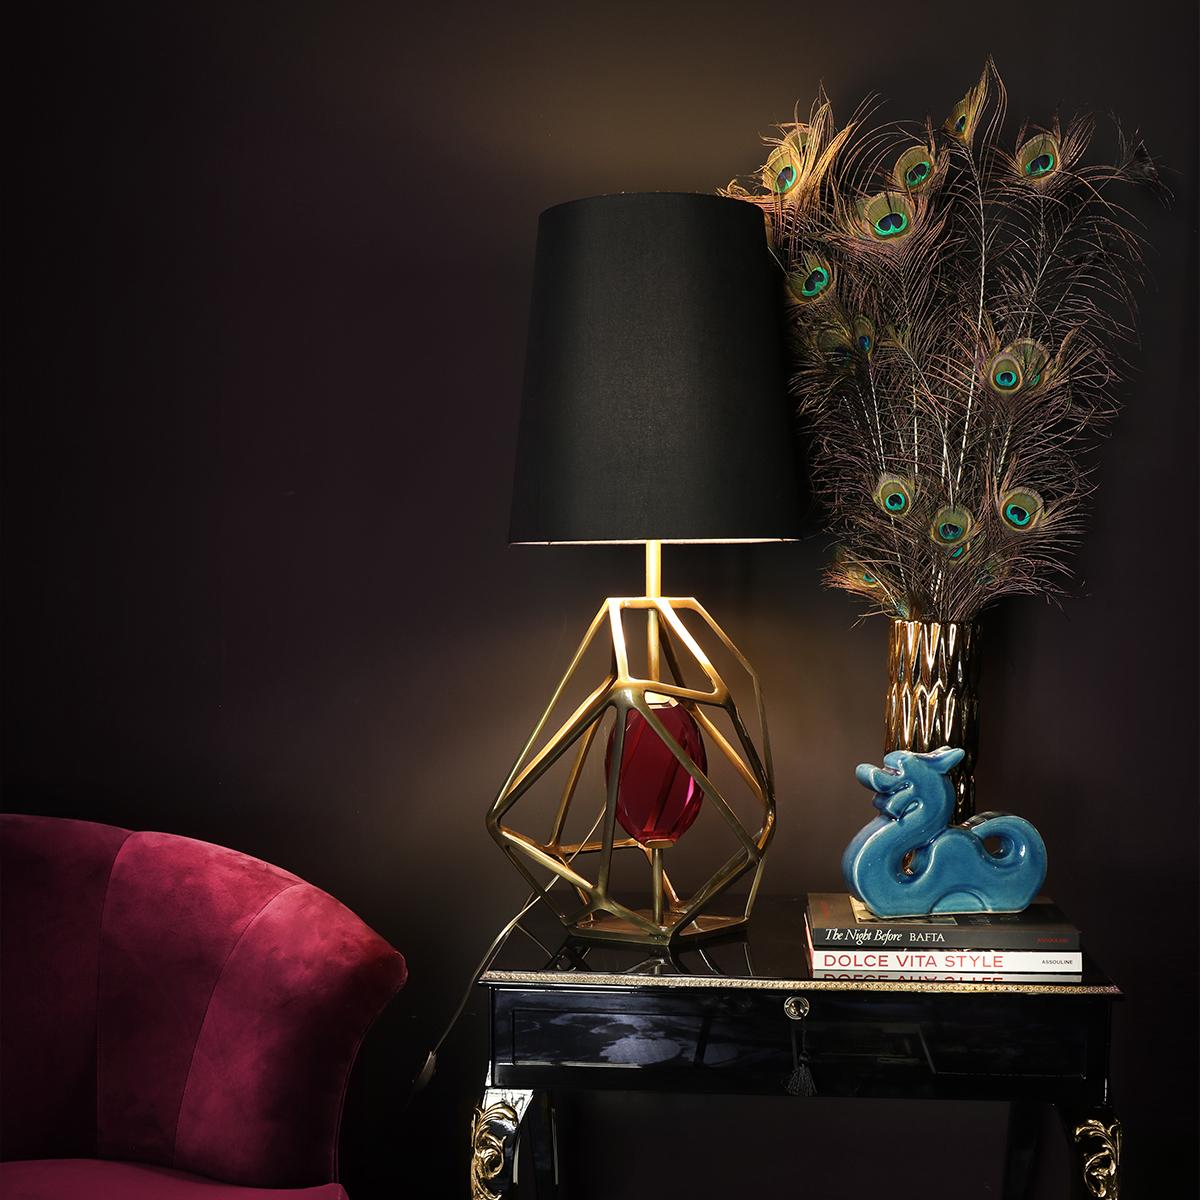 Lámparas de mesa: Ideas lujuosas para un proyecto elegante lámparas de mesa Lámparas de mesa: Ideas lujuosas para un proyecto elegante KOKET GEM TABLE LAMP